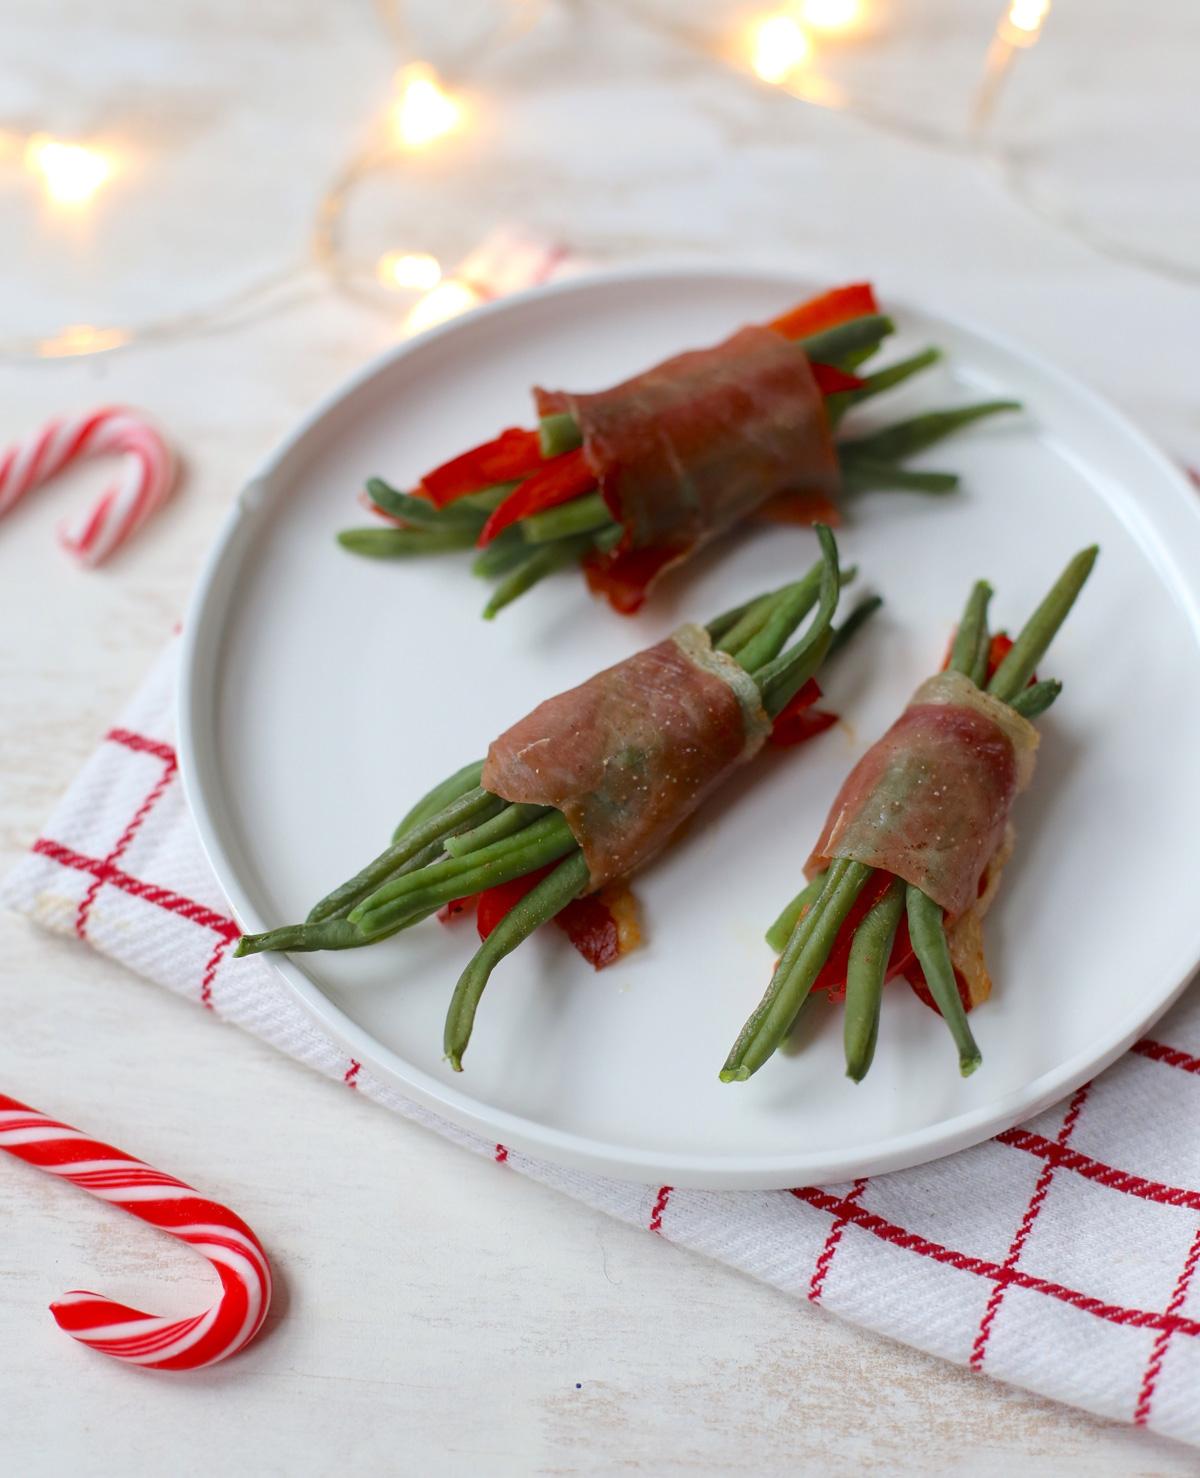 Haricots verts met paprika en serranoham